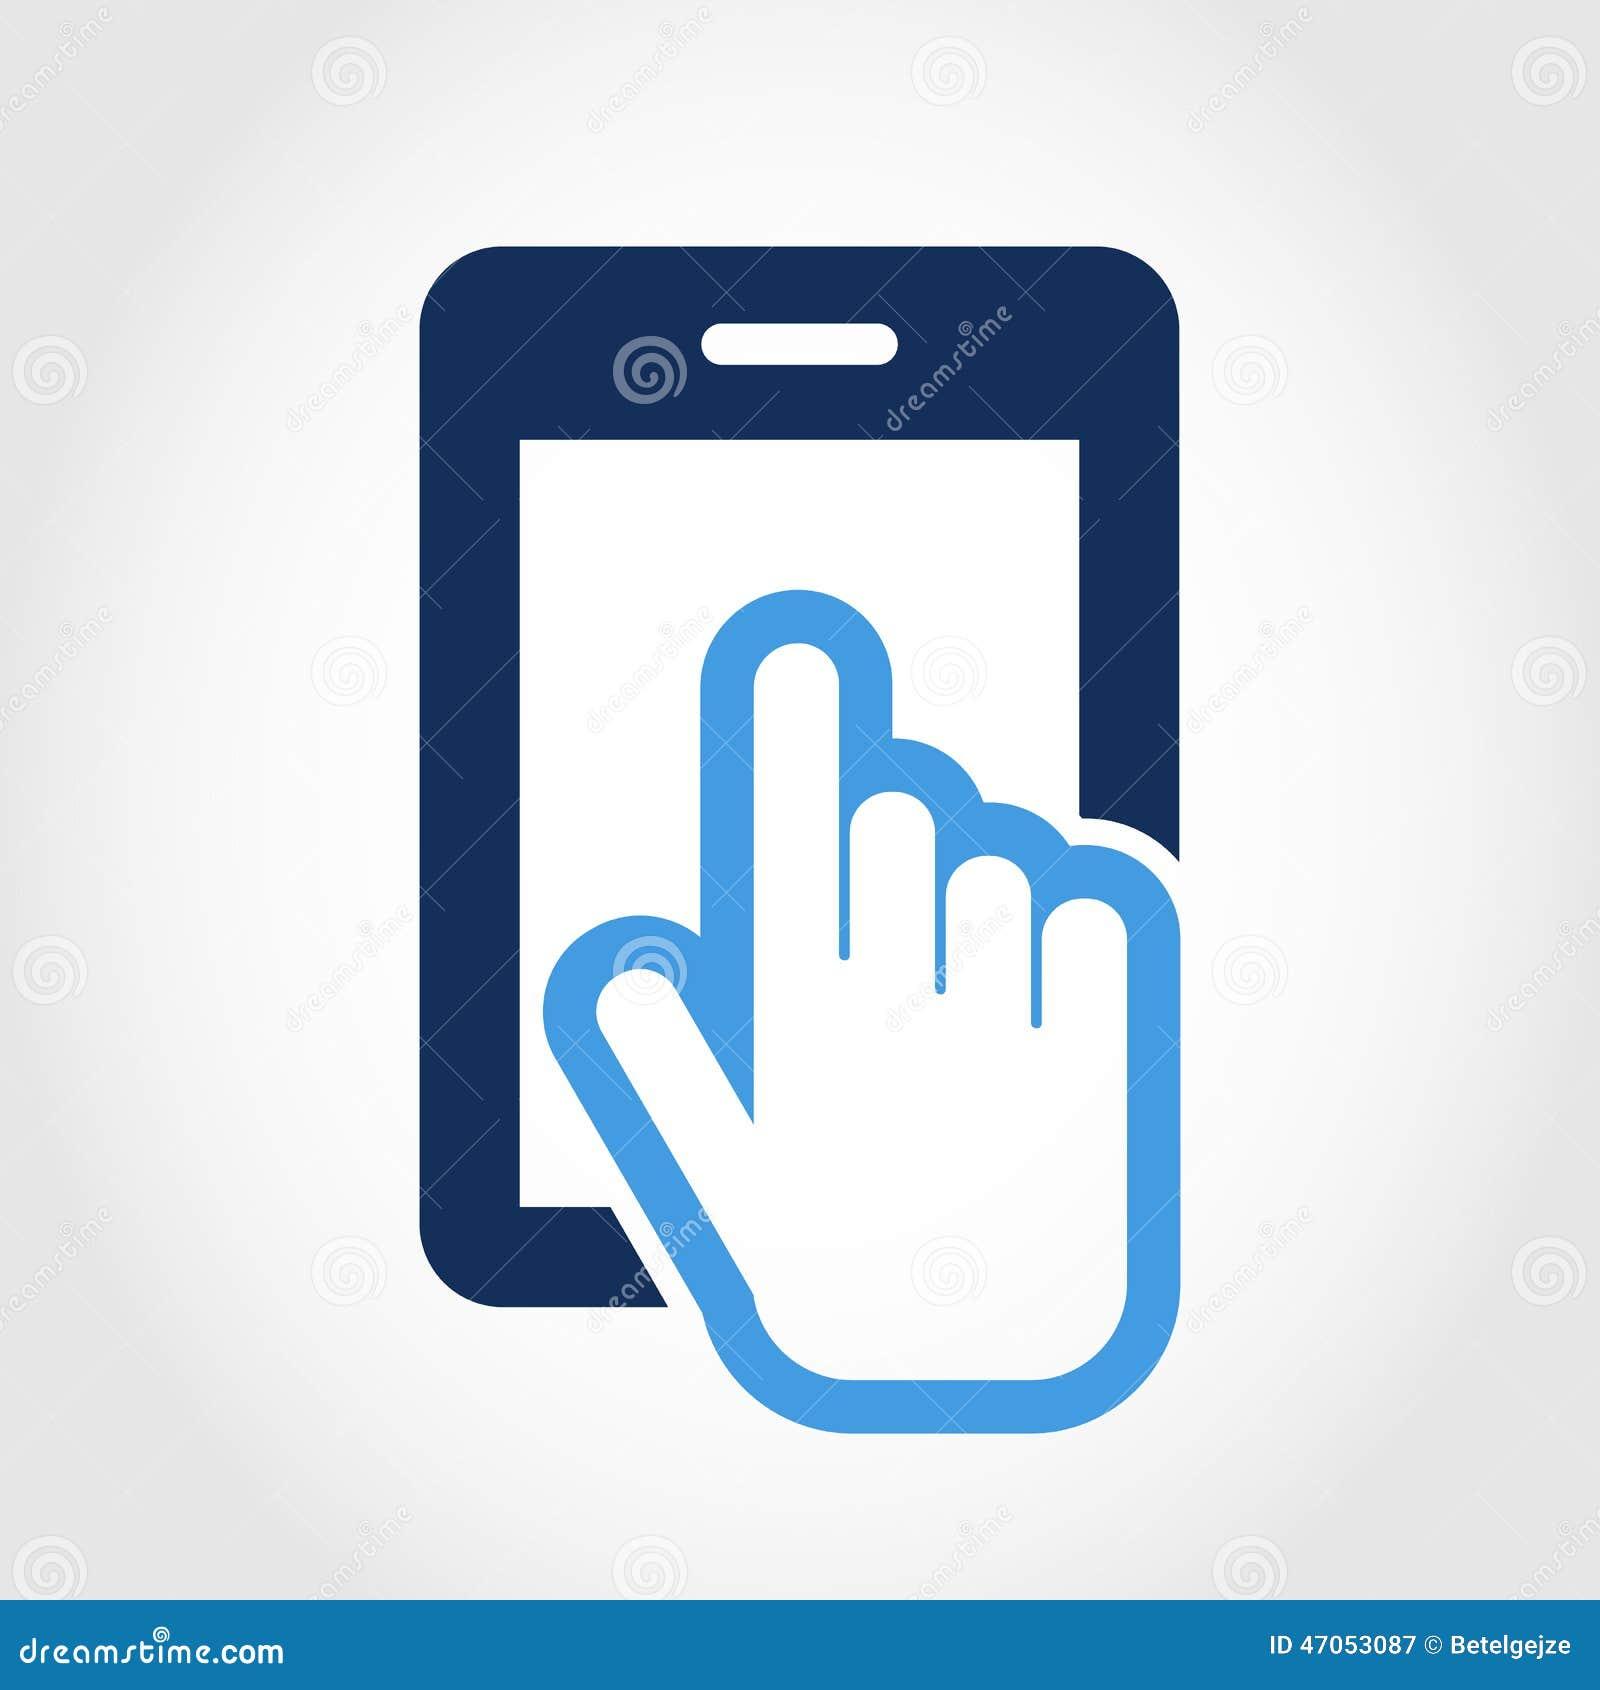 Design a Logo for Smartphone Repair, Computer Repair and Tablet ...